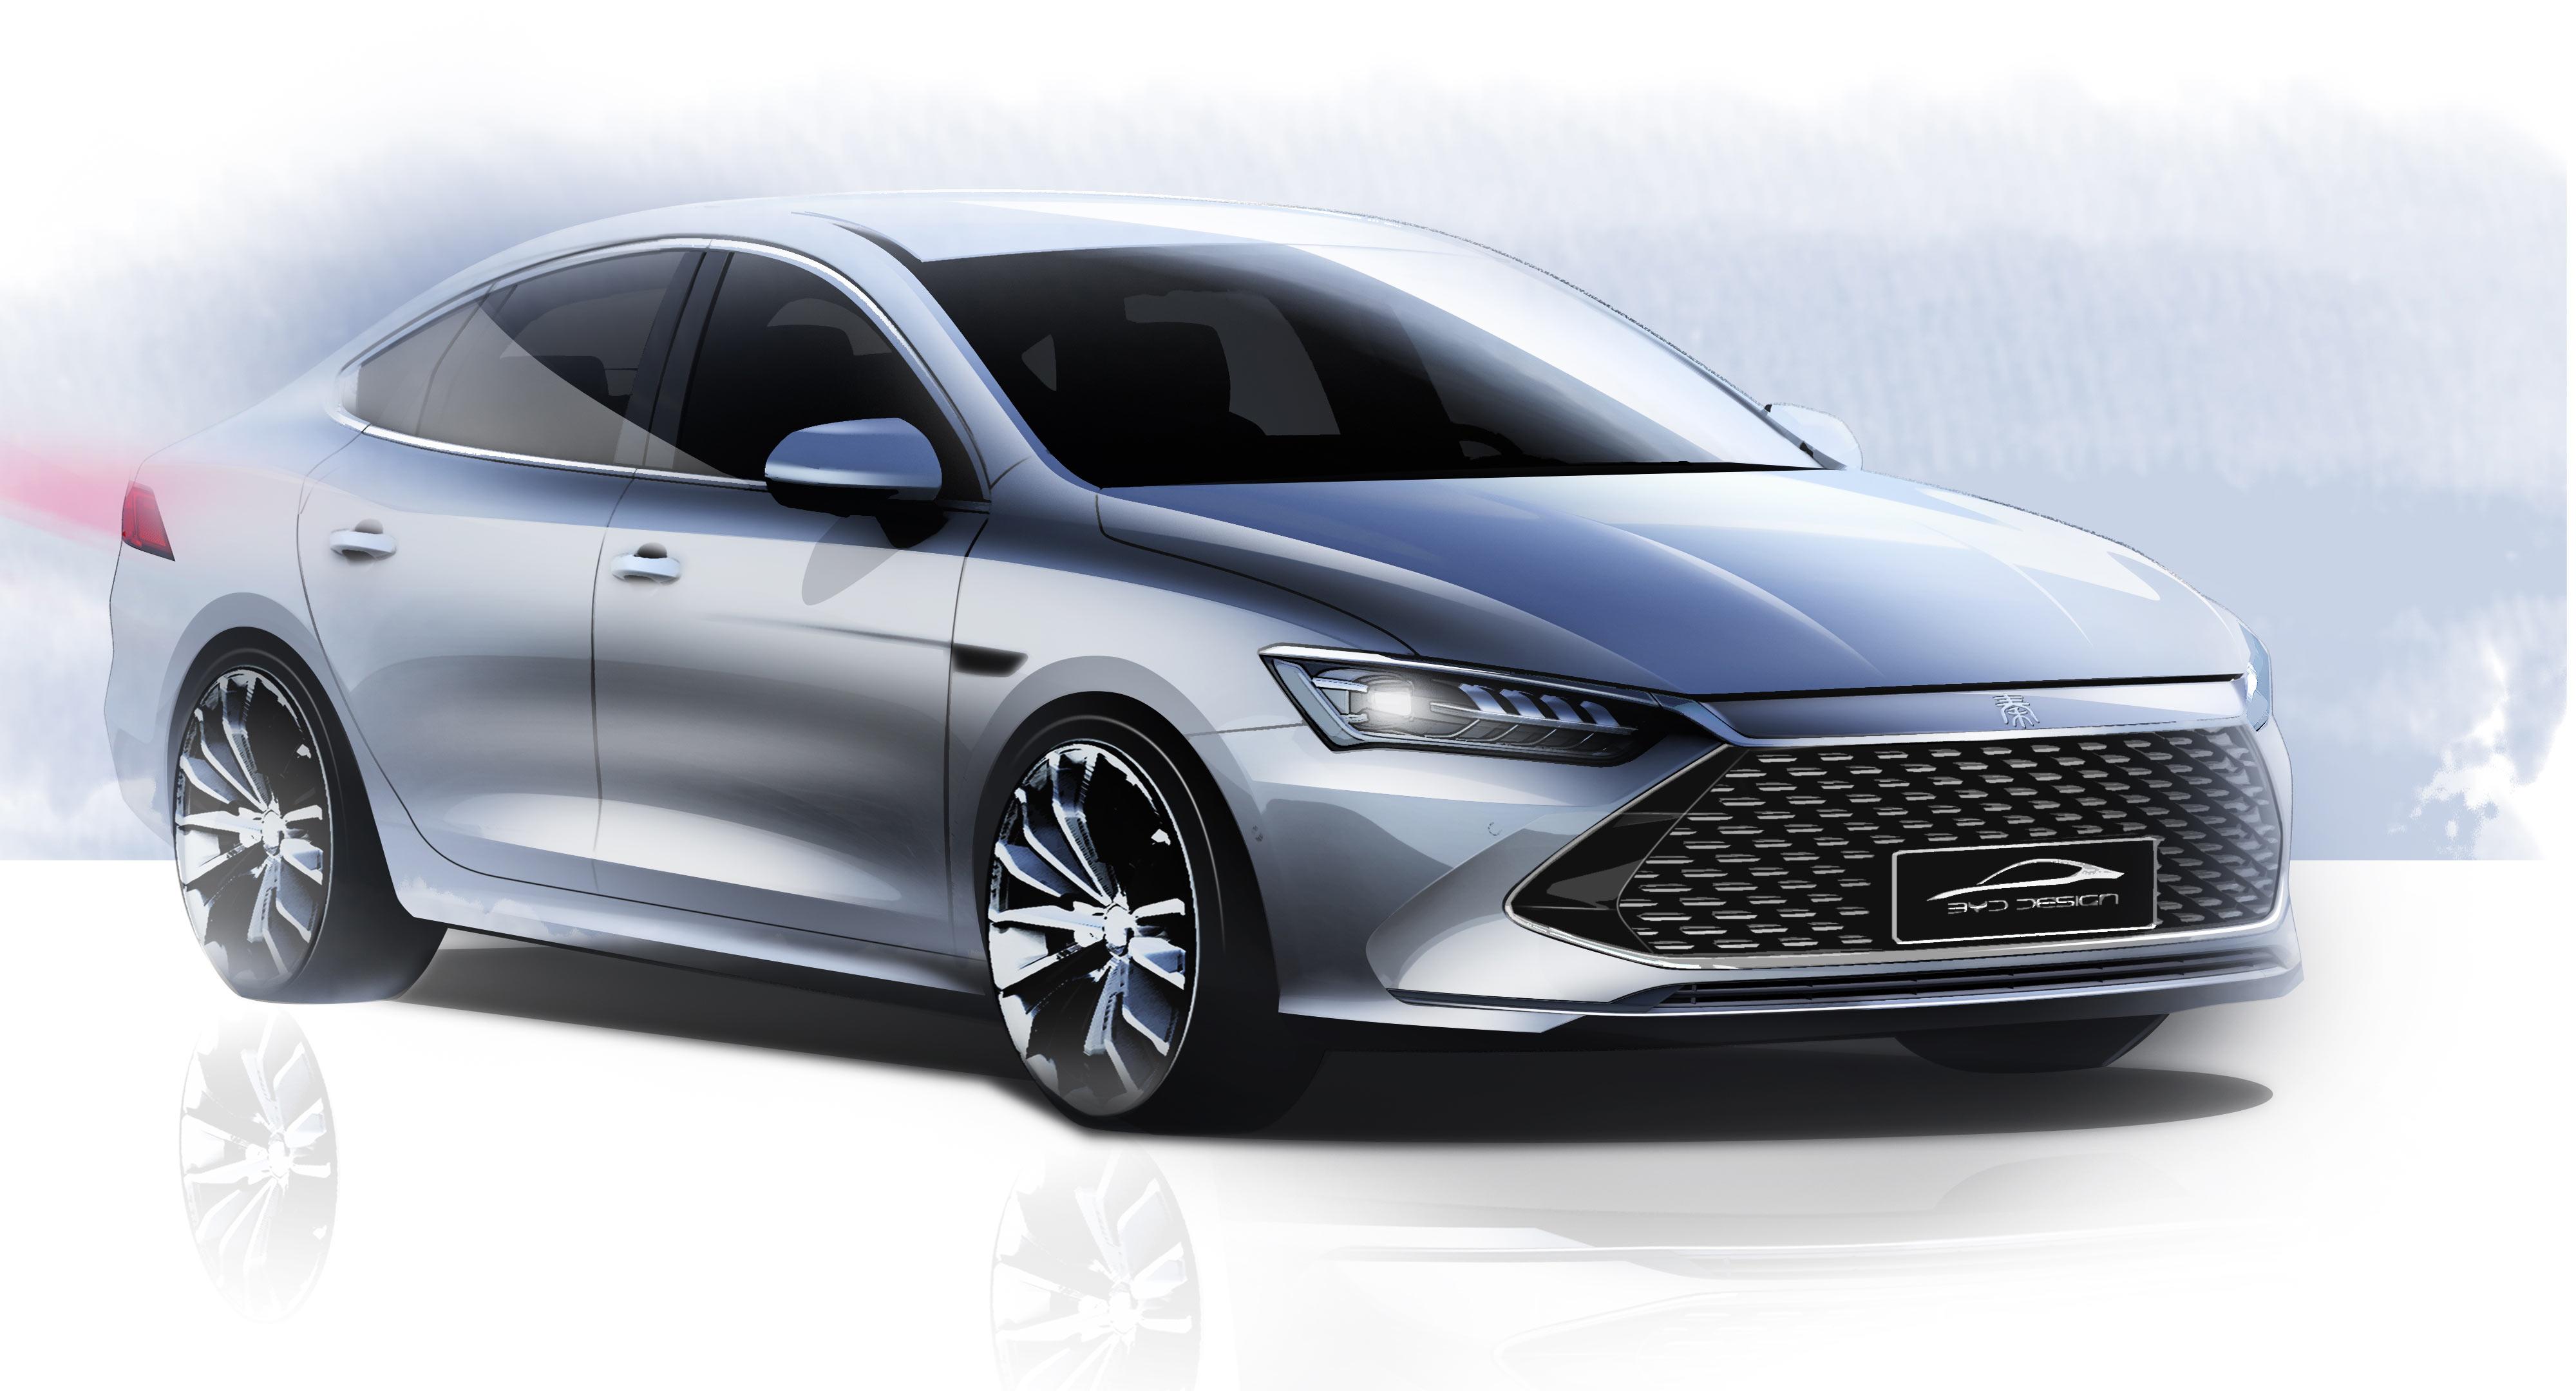 超A新物种 比亚迪全新A+级轿车正式命名秦PLUS